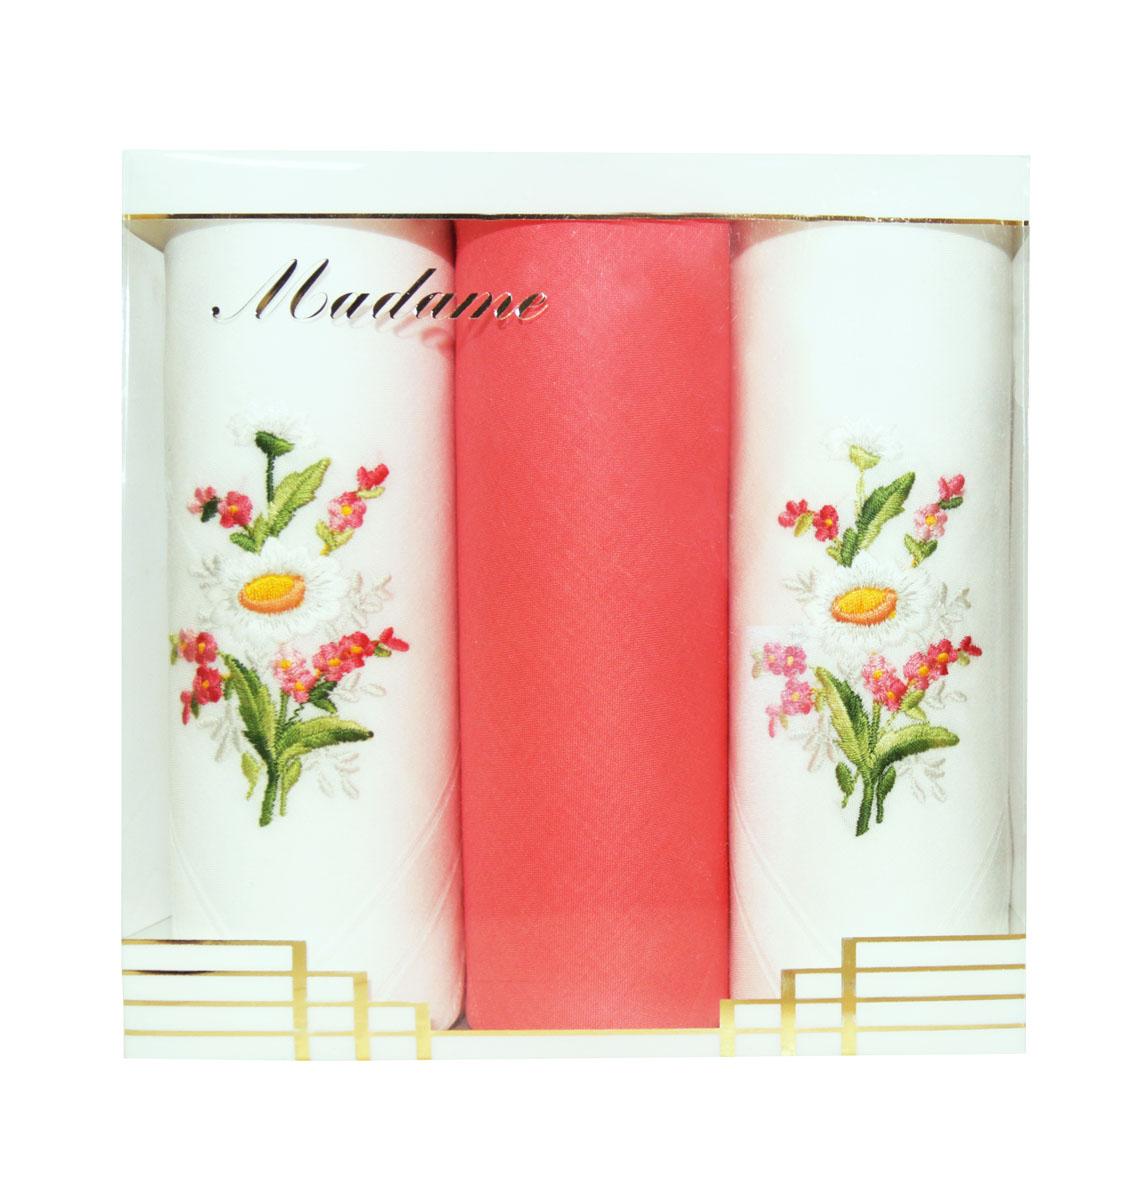 25605-5 Zlata Korunka Носовой платок женский, цвет: мультиколор, 30х30 см, 3 шт25605-5Платки носовые женские в упаковке по 3 шт. Носовые платки изготовлены из 100% хлопка, так как этот материал приятен в использовании, хорошо стирается, не садится, отлично впитывает влагу.